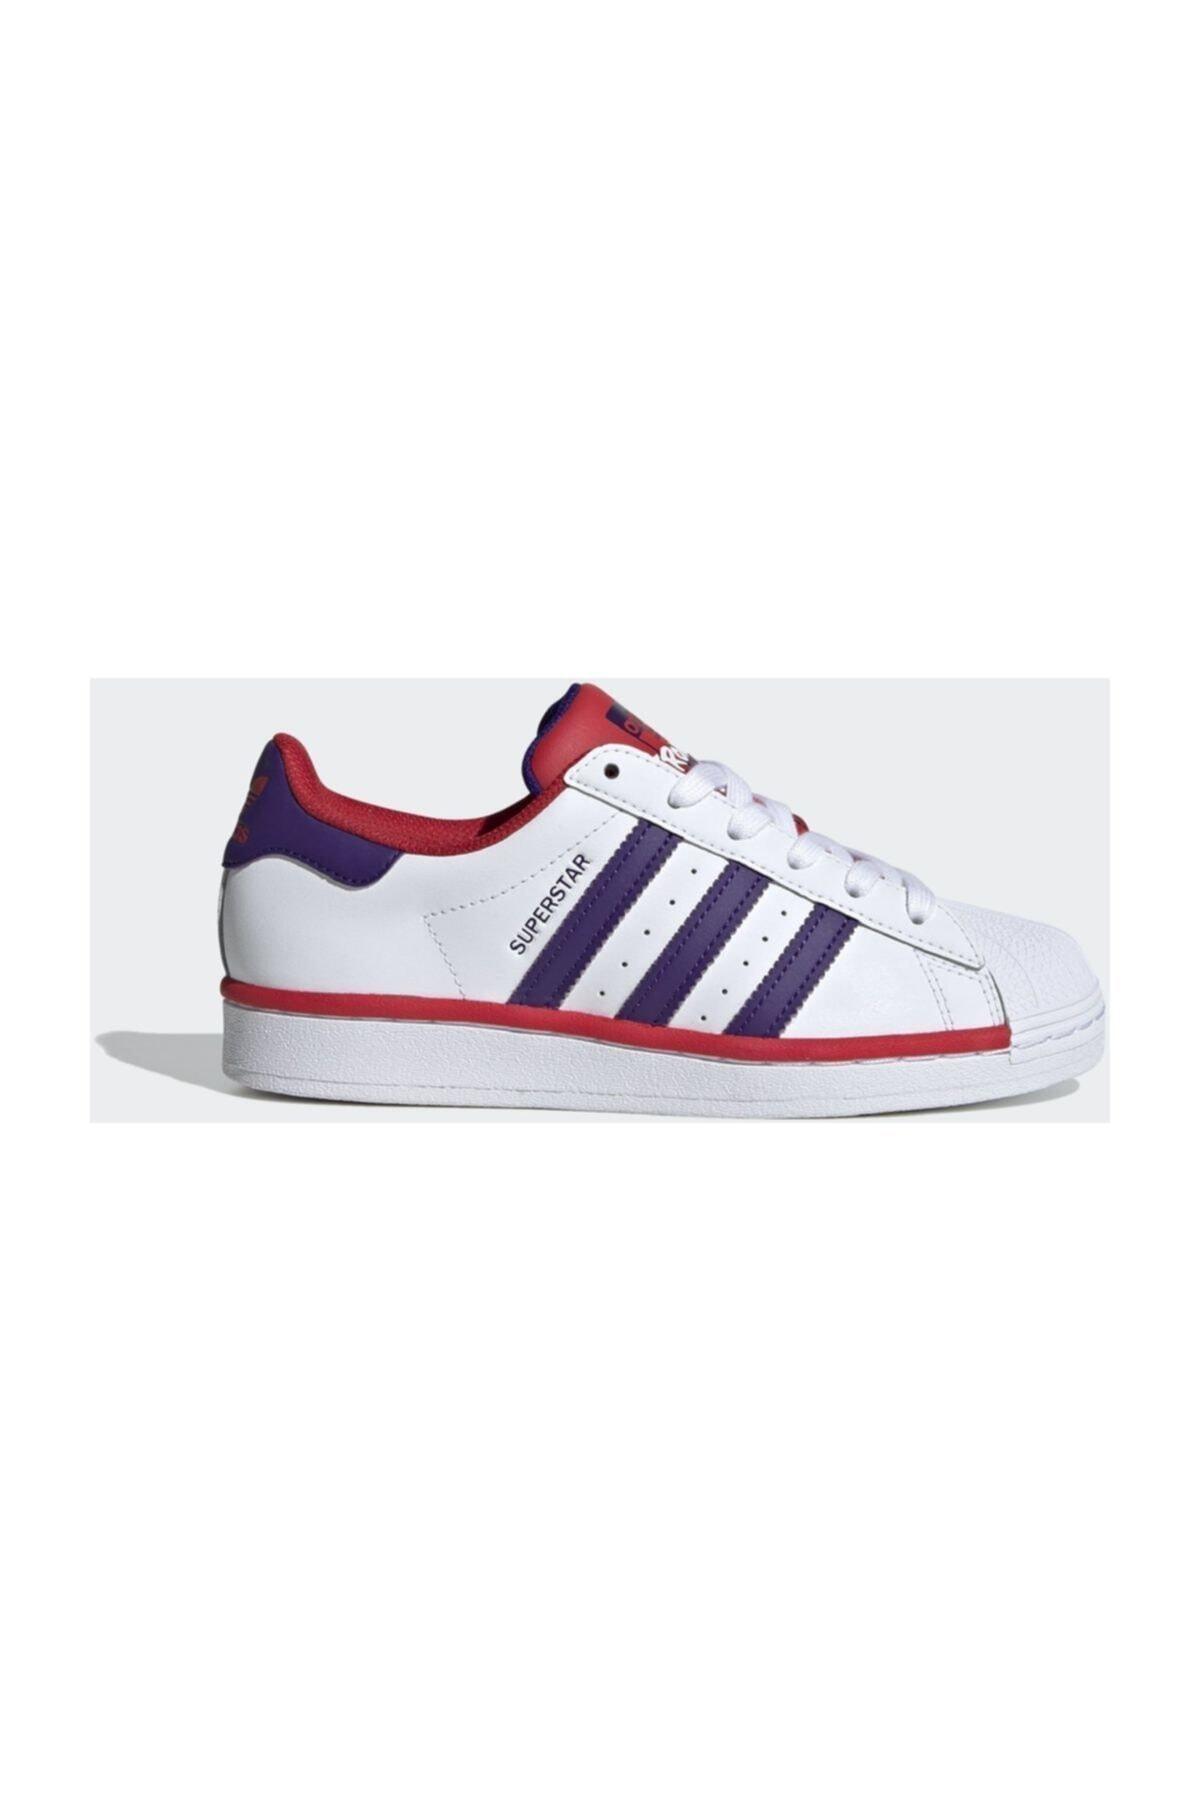 adidas Superstar J Günlük Spor Ayakkabı 1